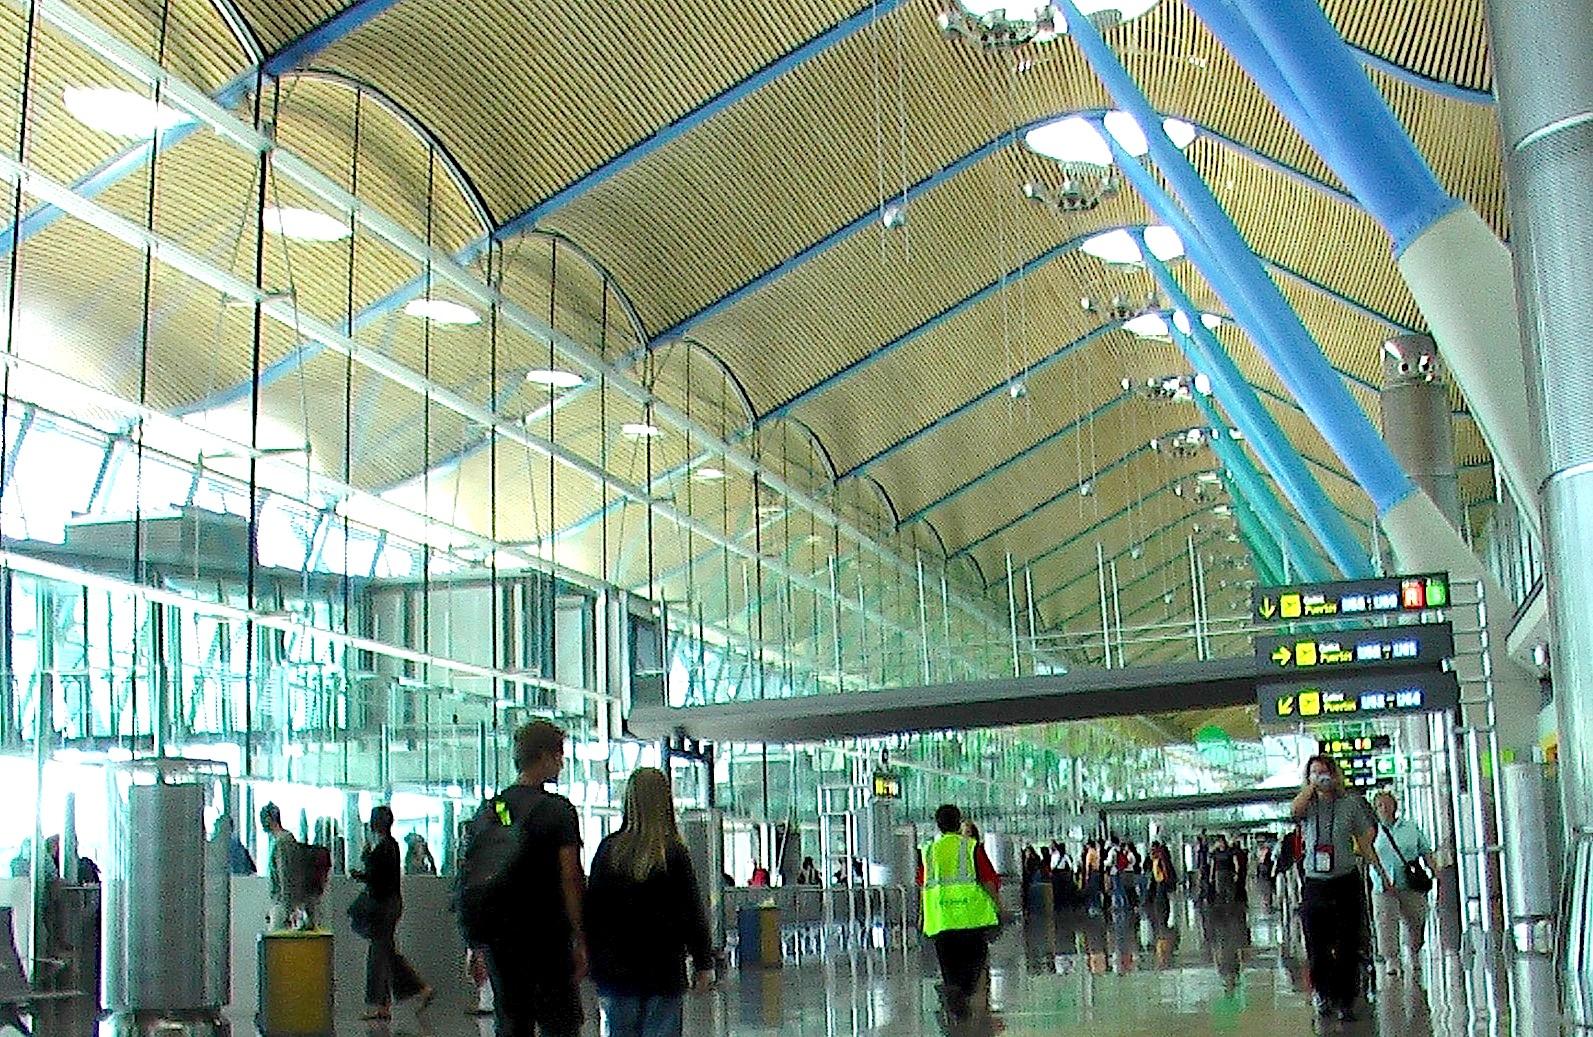 Barajas airport in Spain